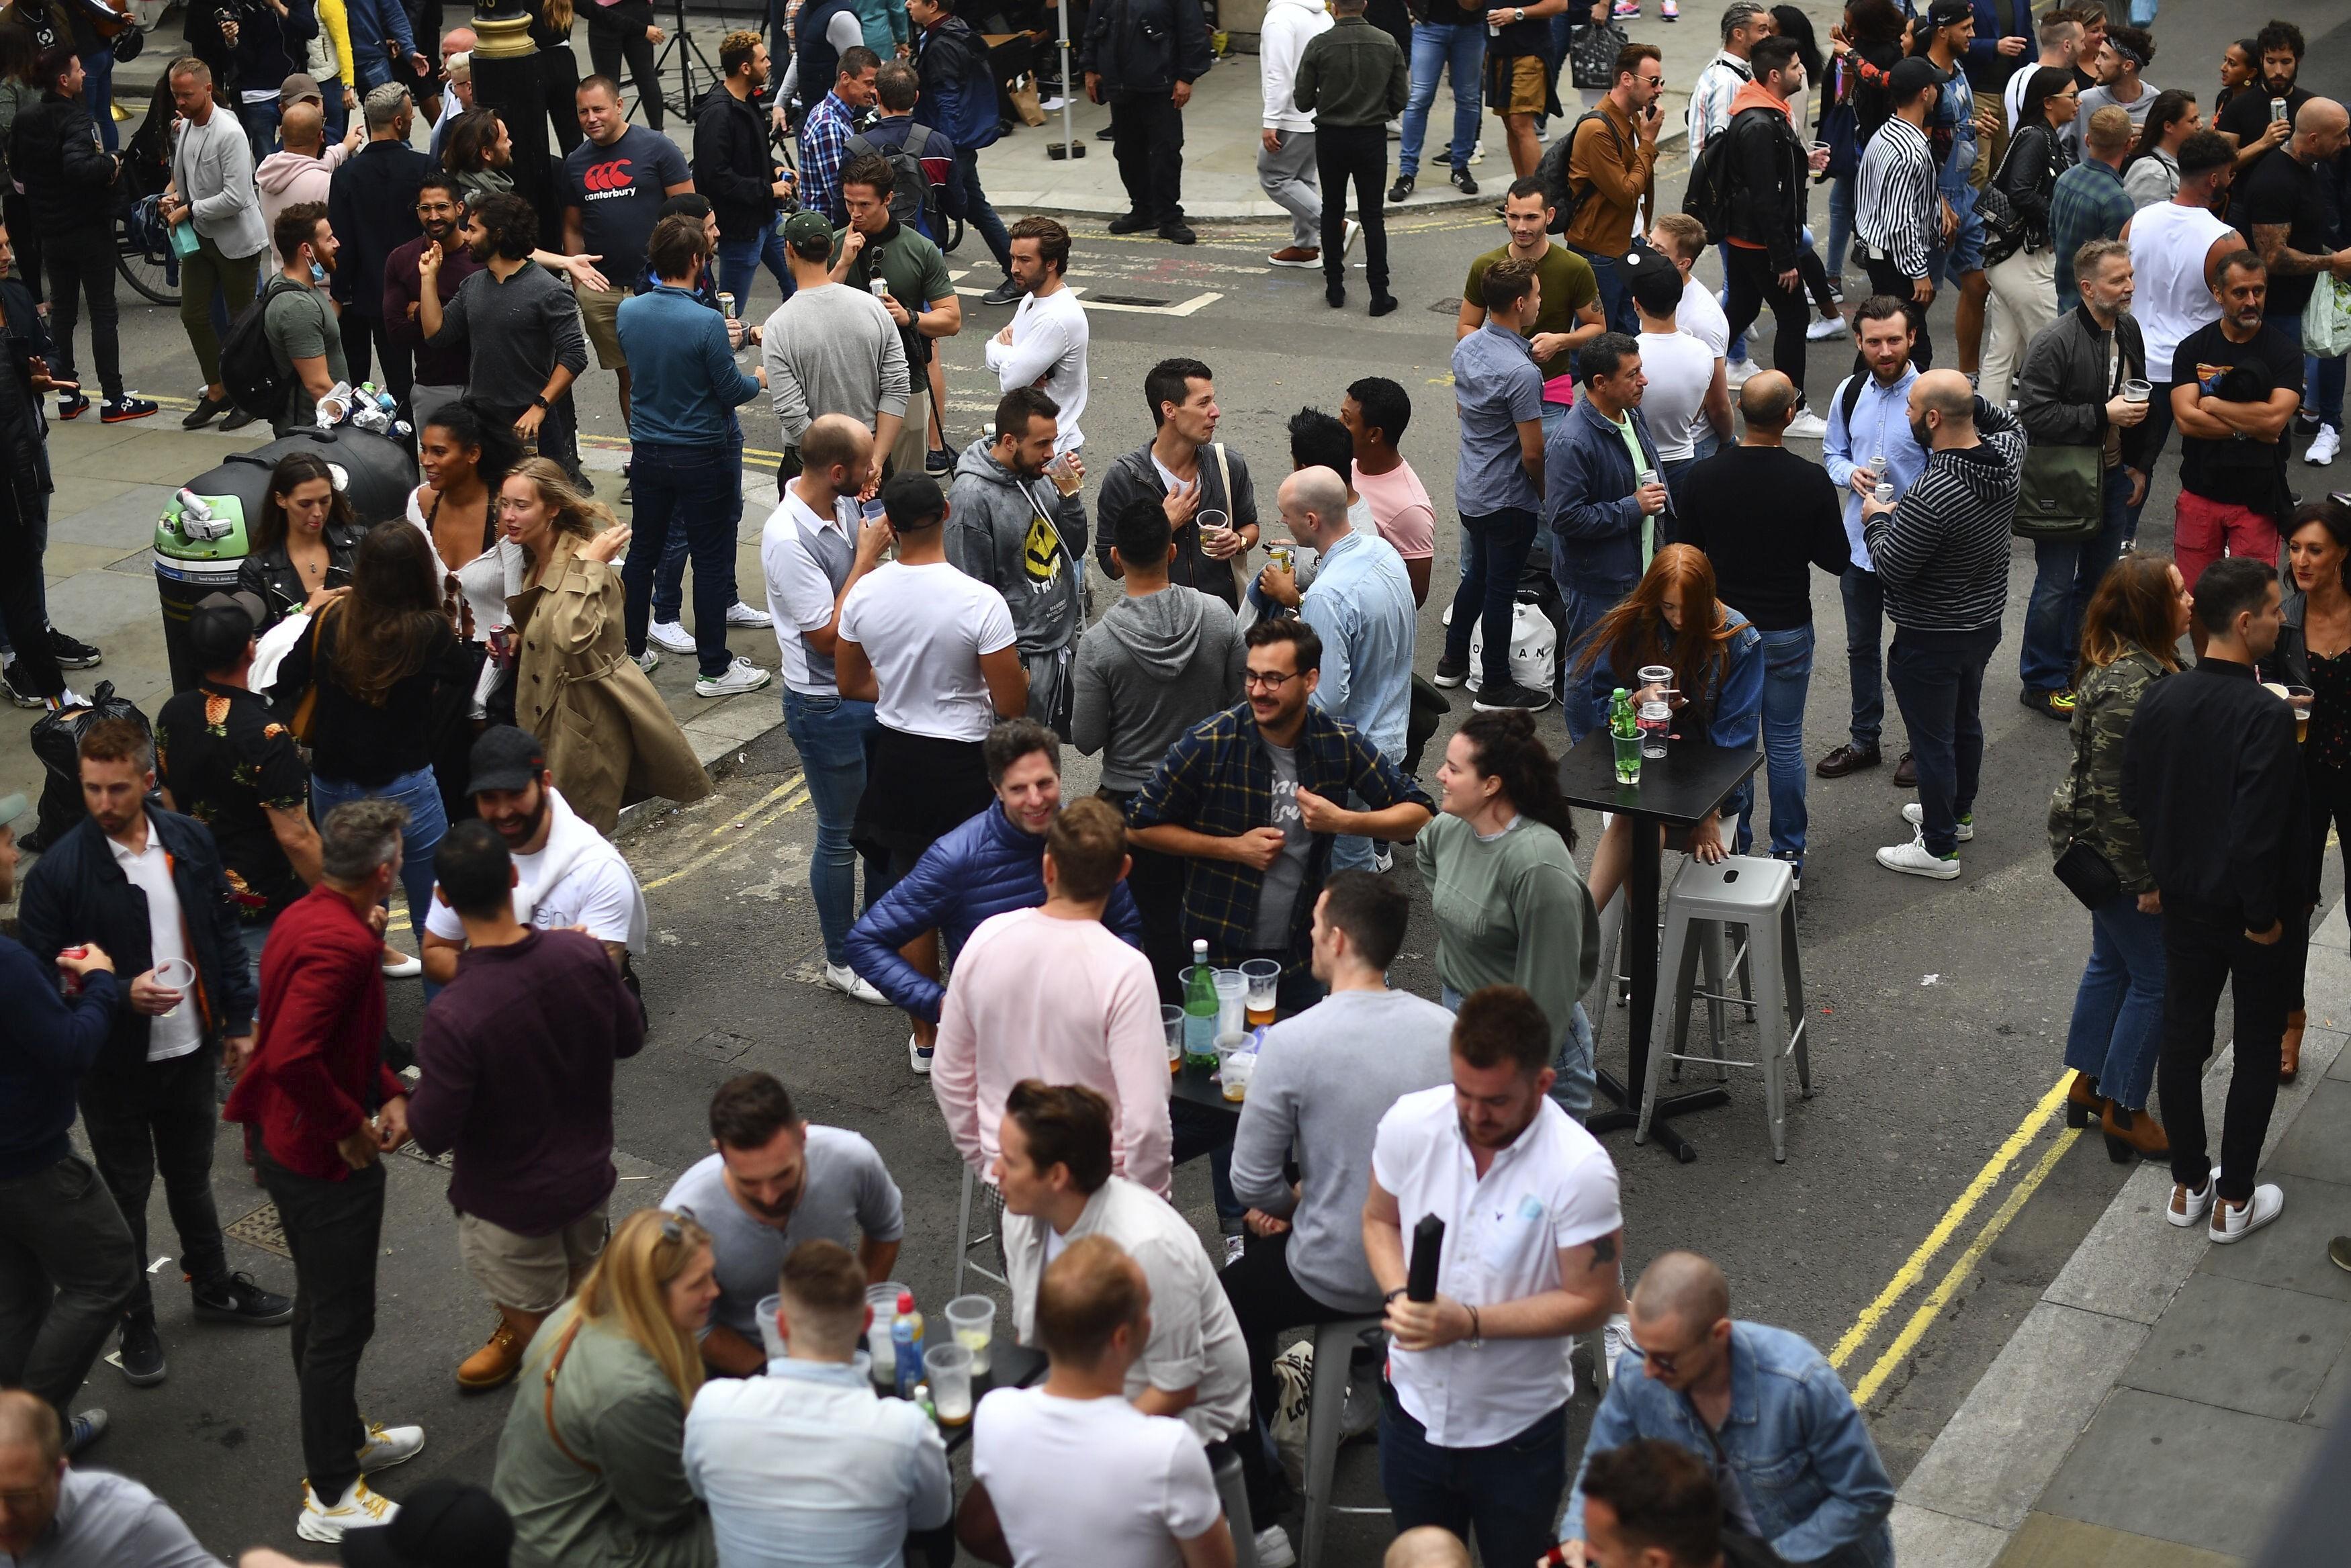 Reabertura de pubs leva multidões em festa às ruas de Londres, apesar do coronavírus